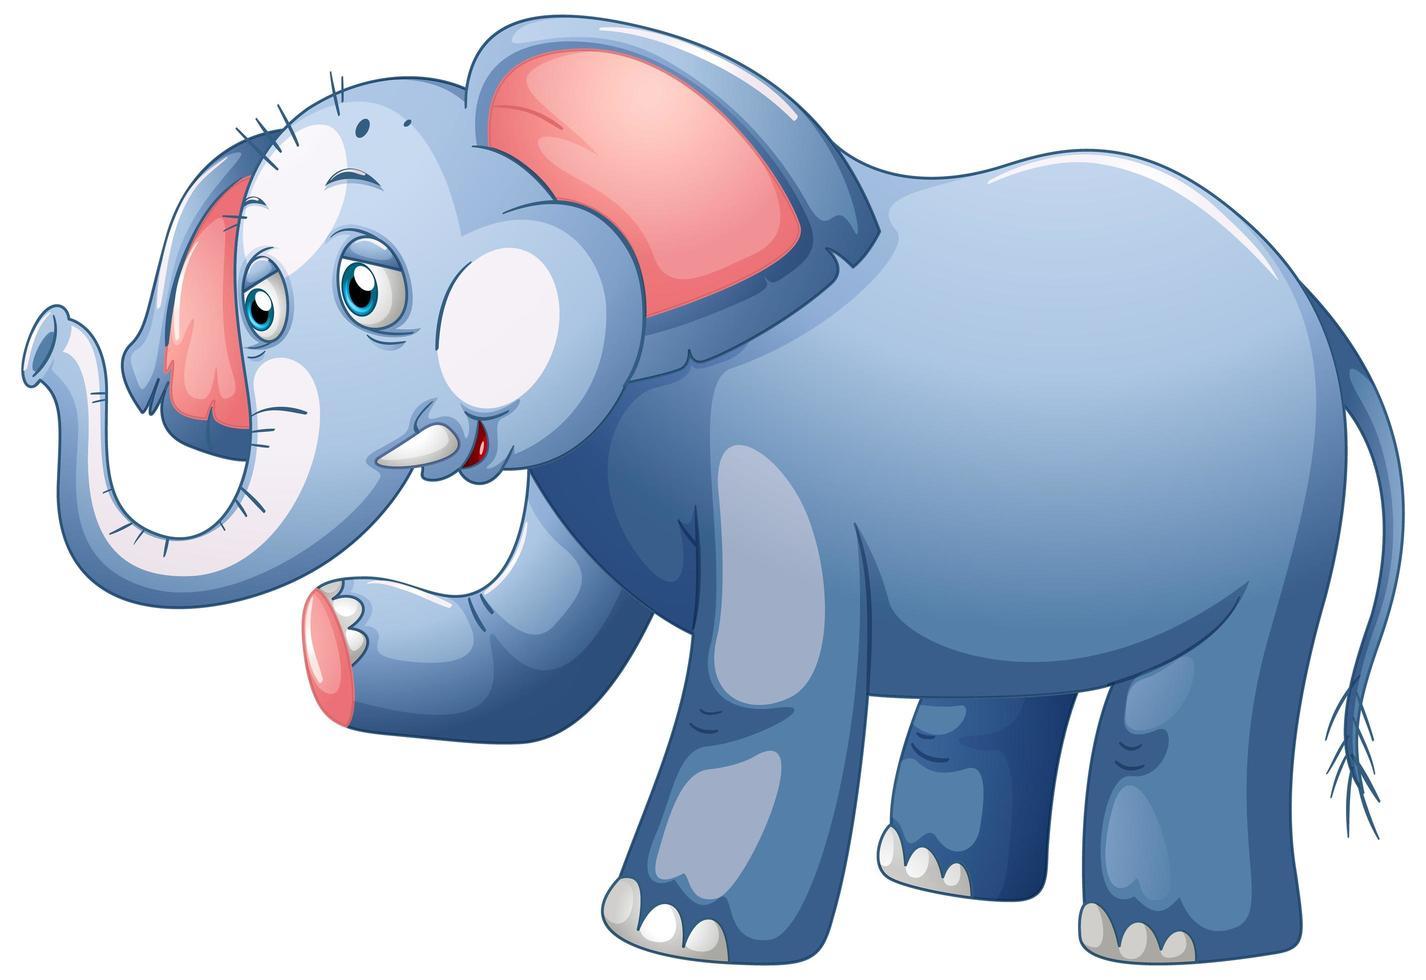 ein Elefant auf weißem Hintergrund vektor